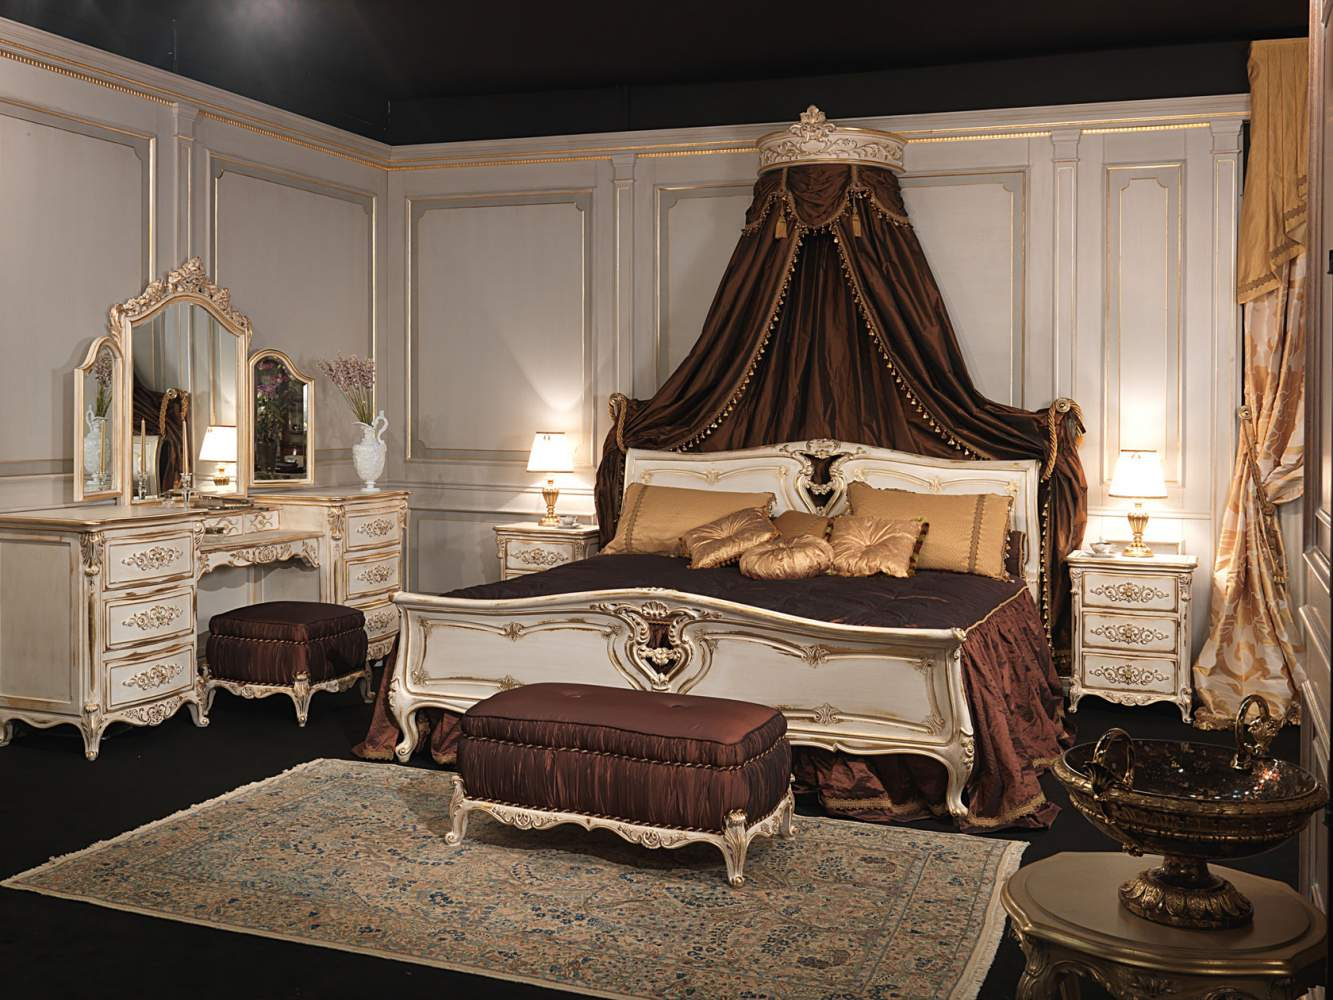 Camera da letto classica in stile luigi xvi letto in - Panca camera da letto ...